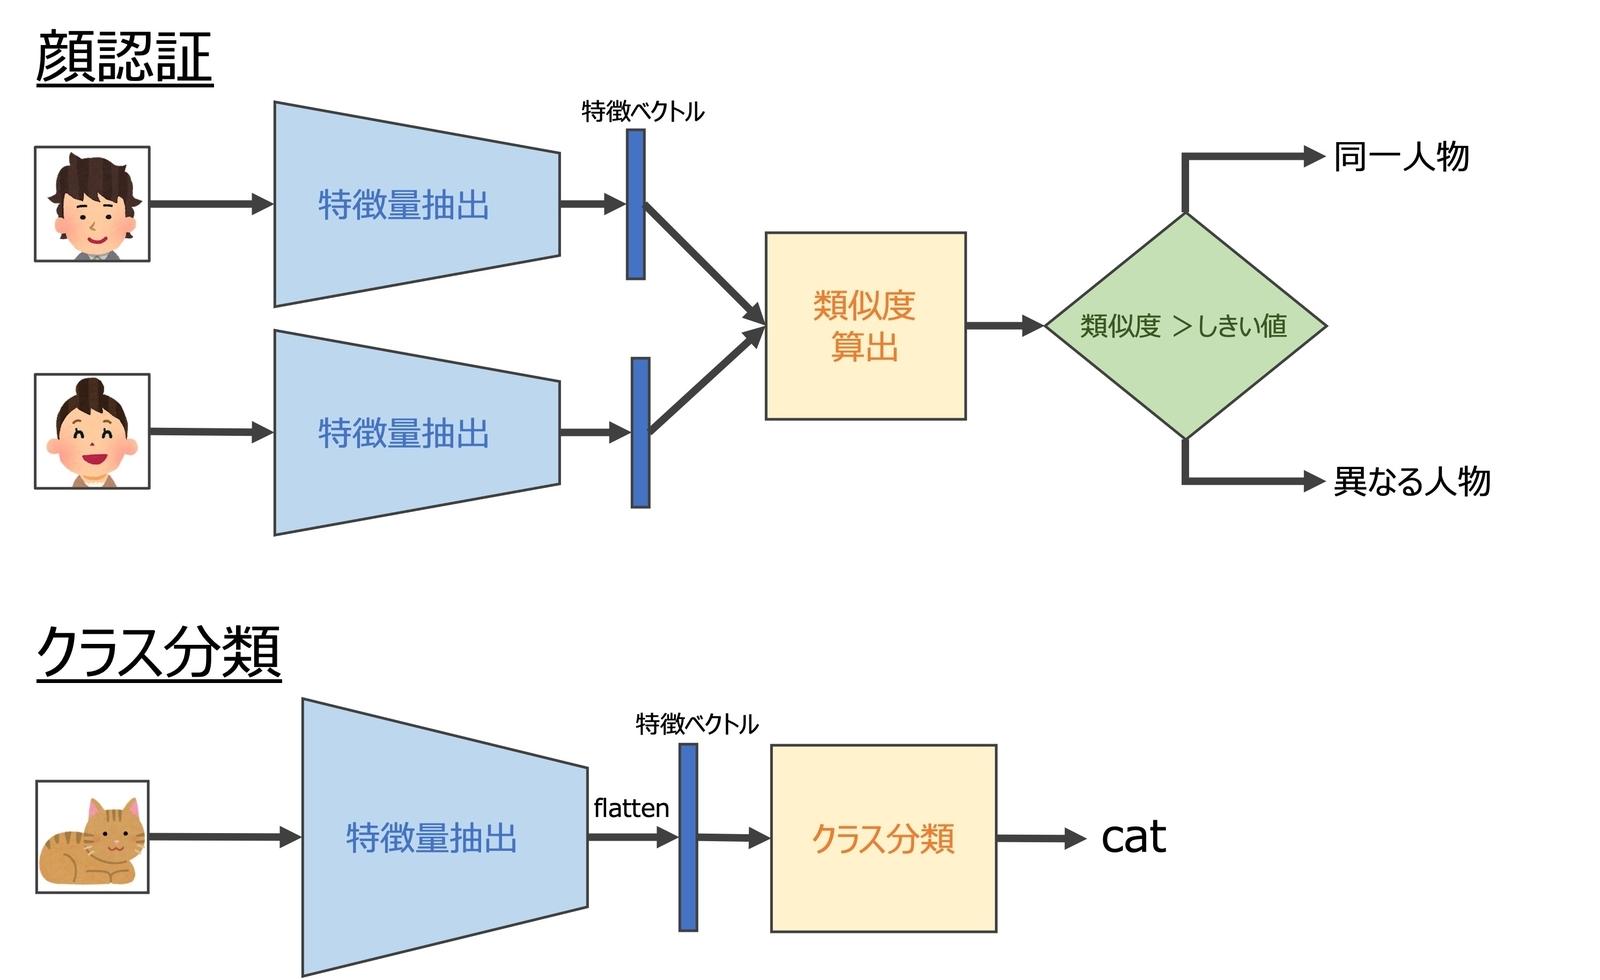 f:id:optim-tech:20210930131351j:plain:w745